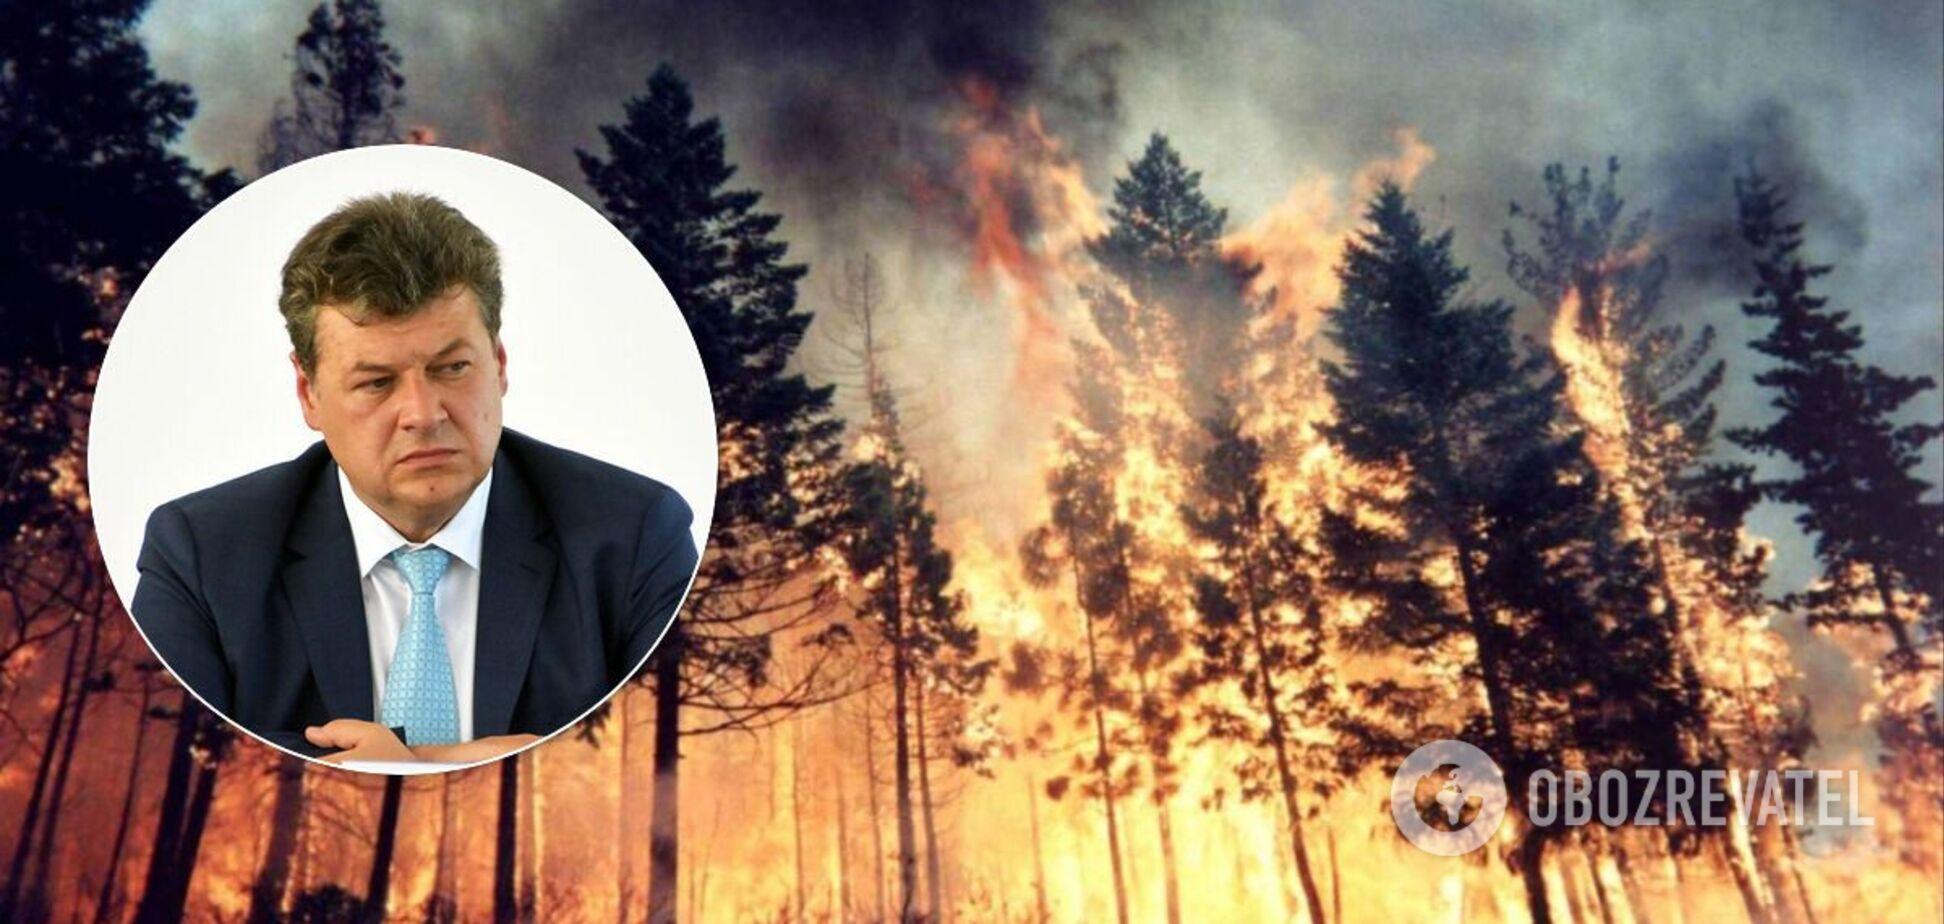 Пострадавшим от пожаров на Житомирщине выплатят по 300 тысяч грн – председатель ОГА